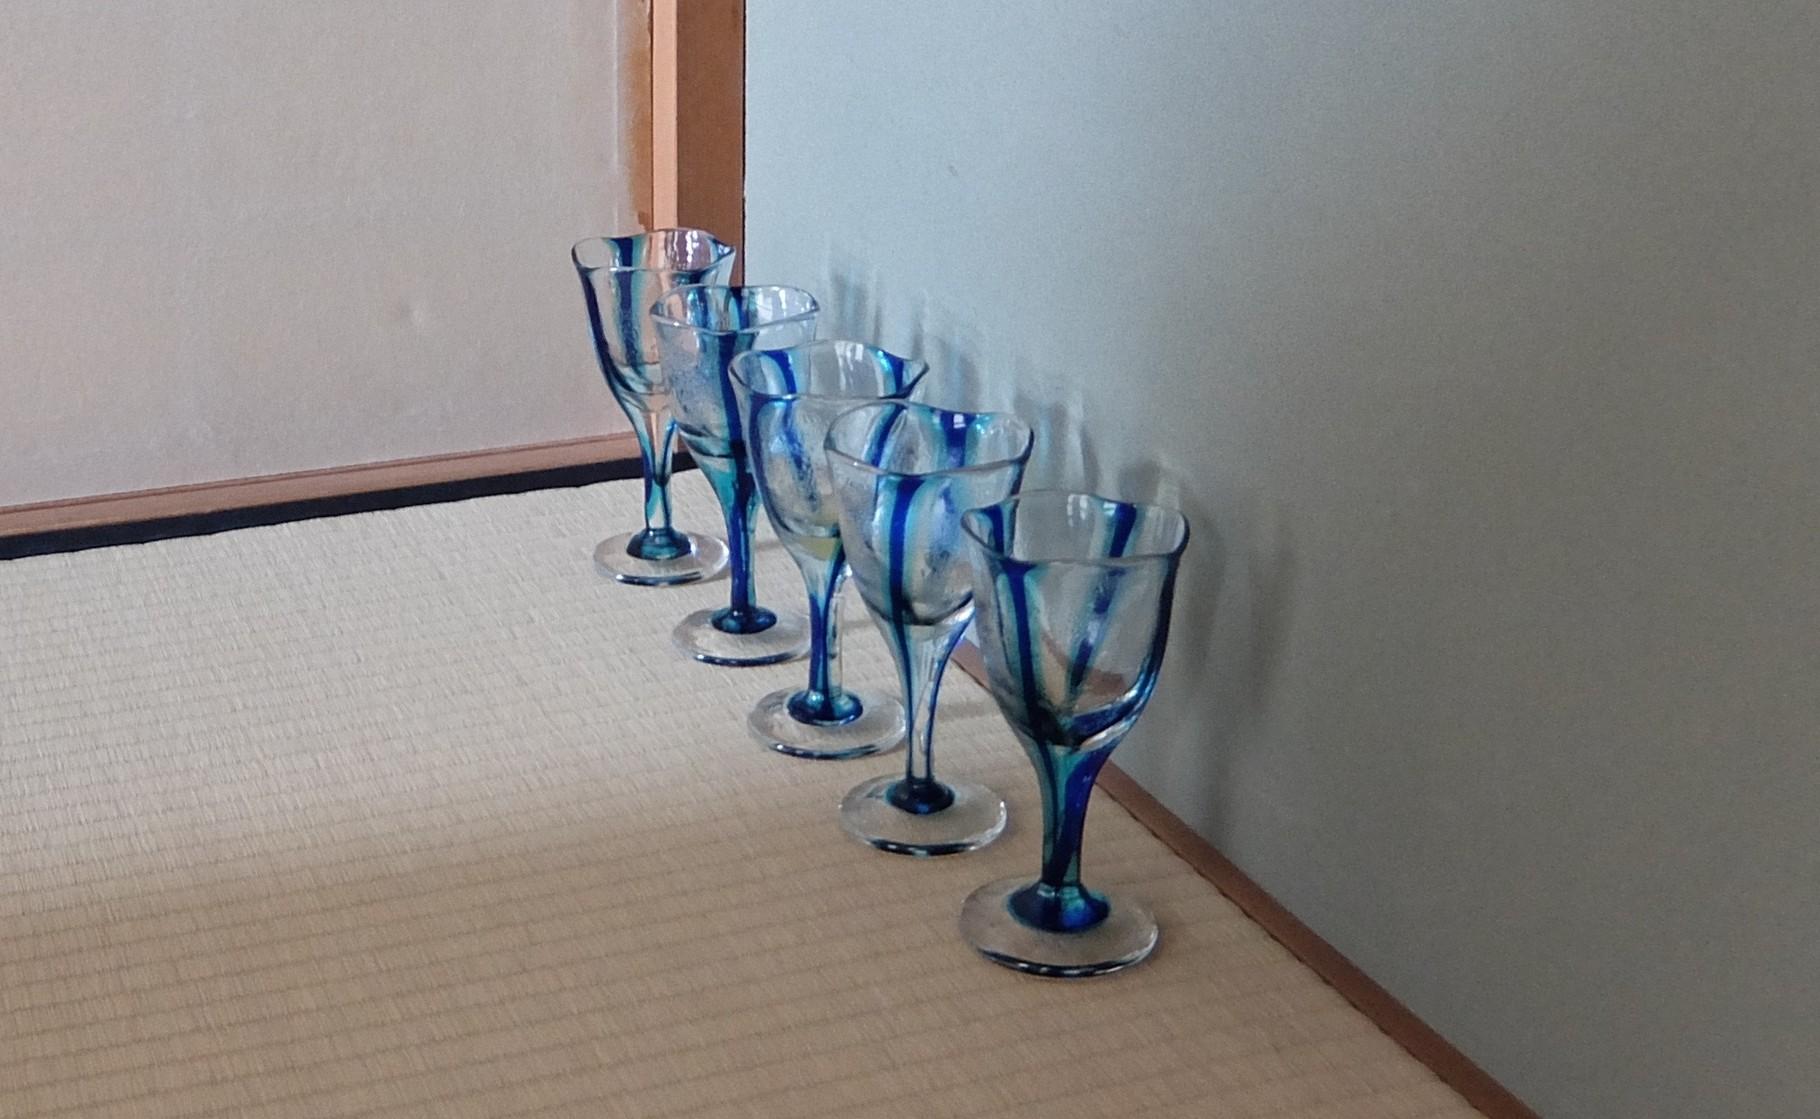 小樽ガラス 千代治造